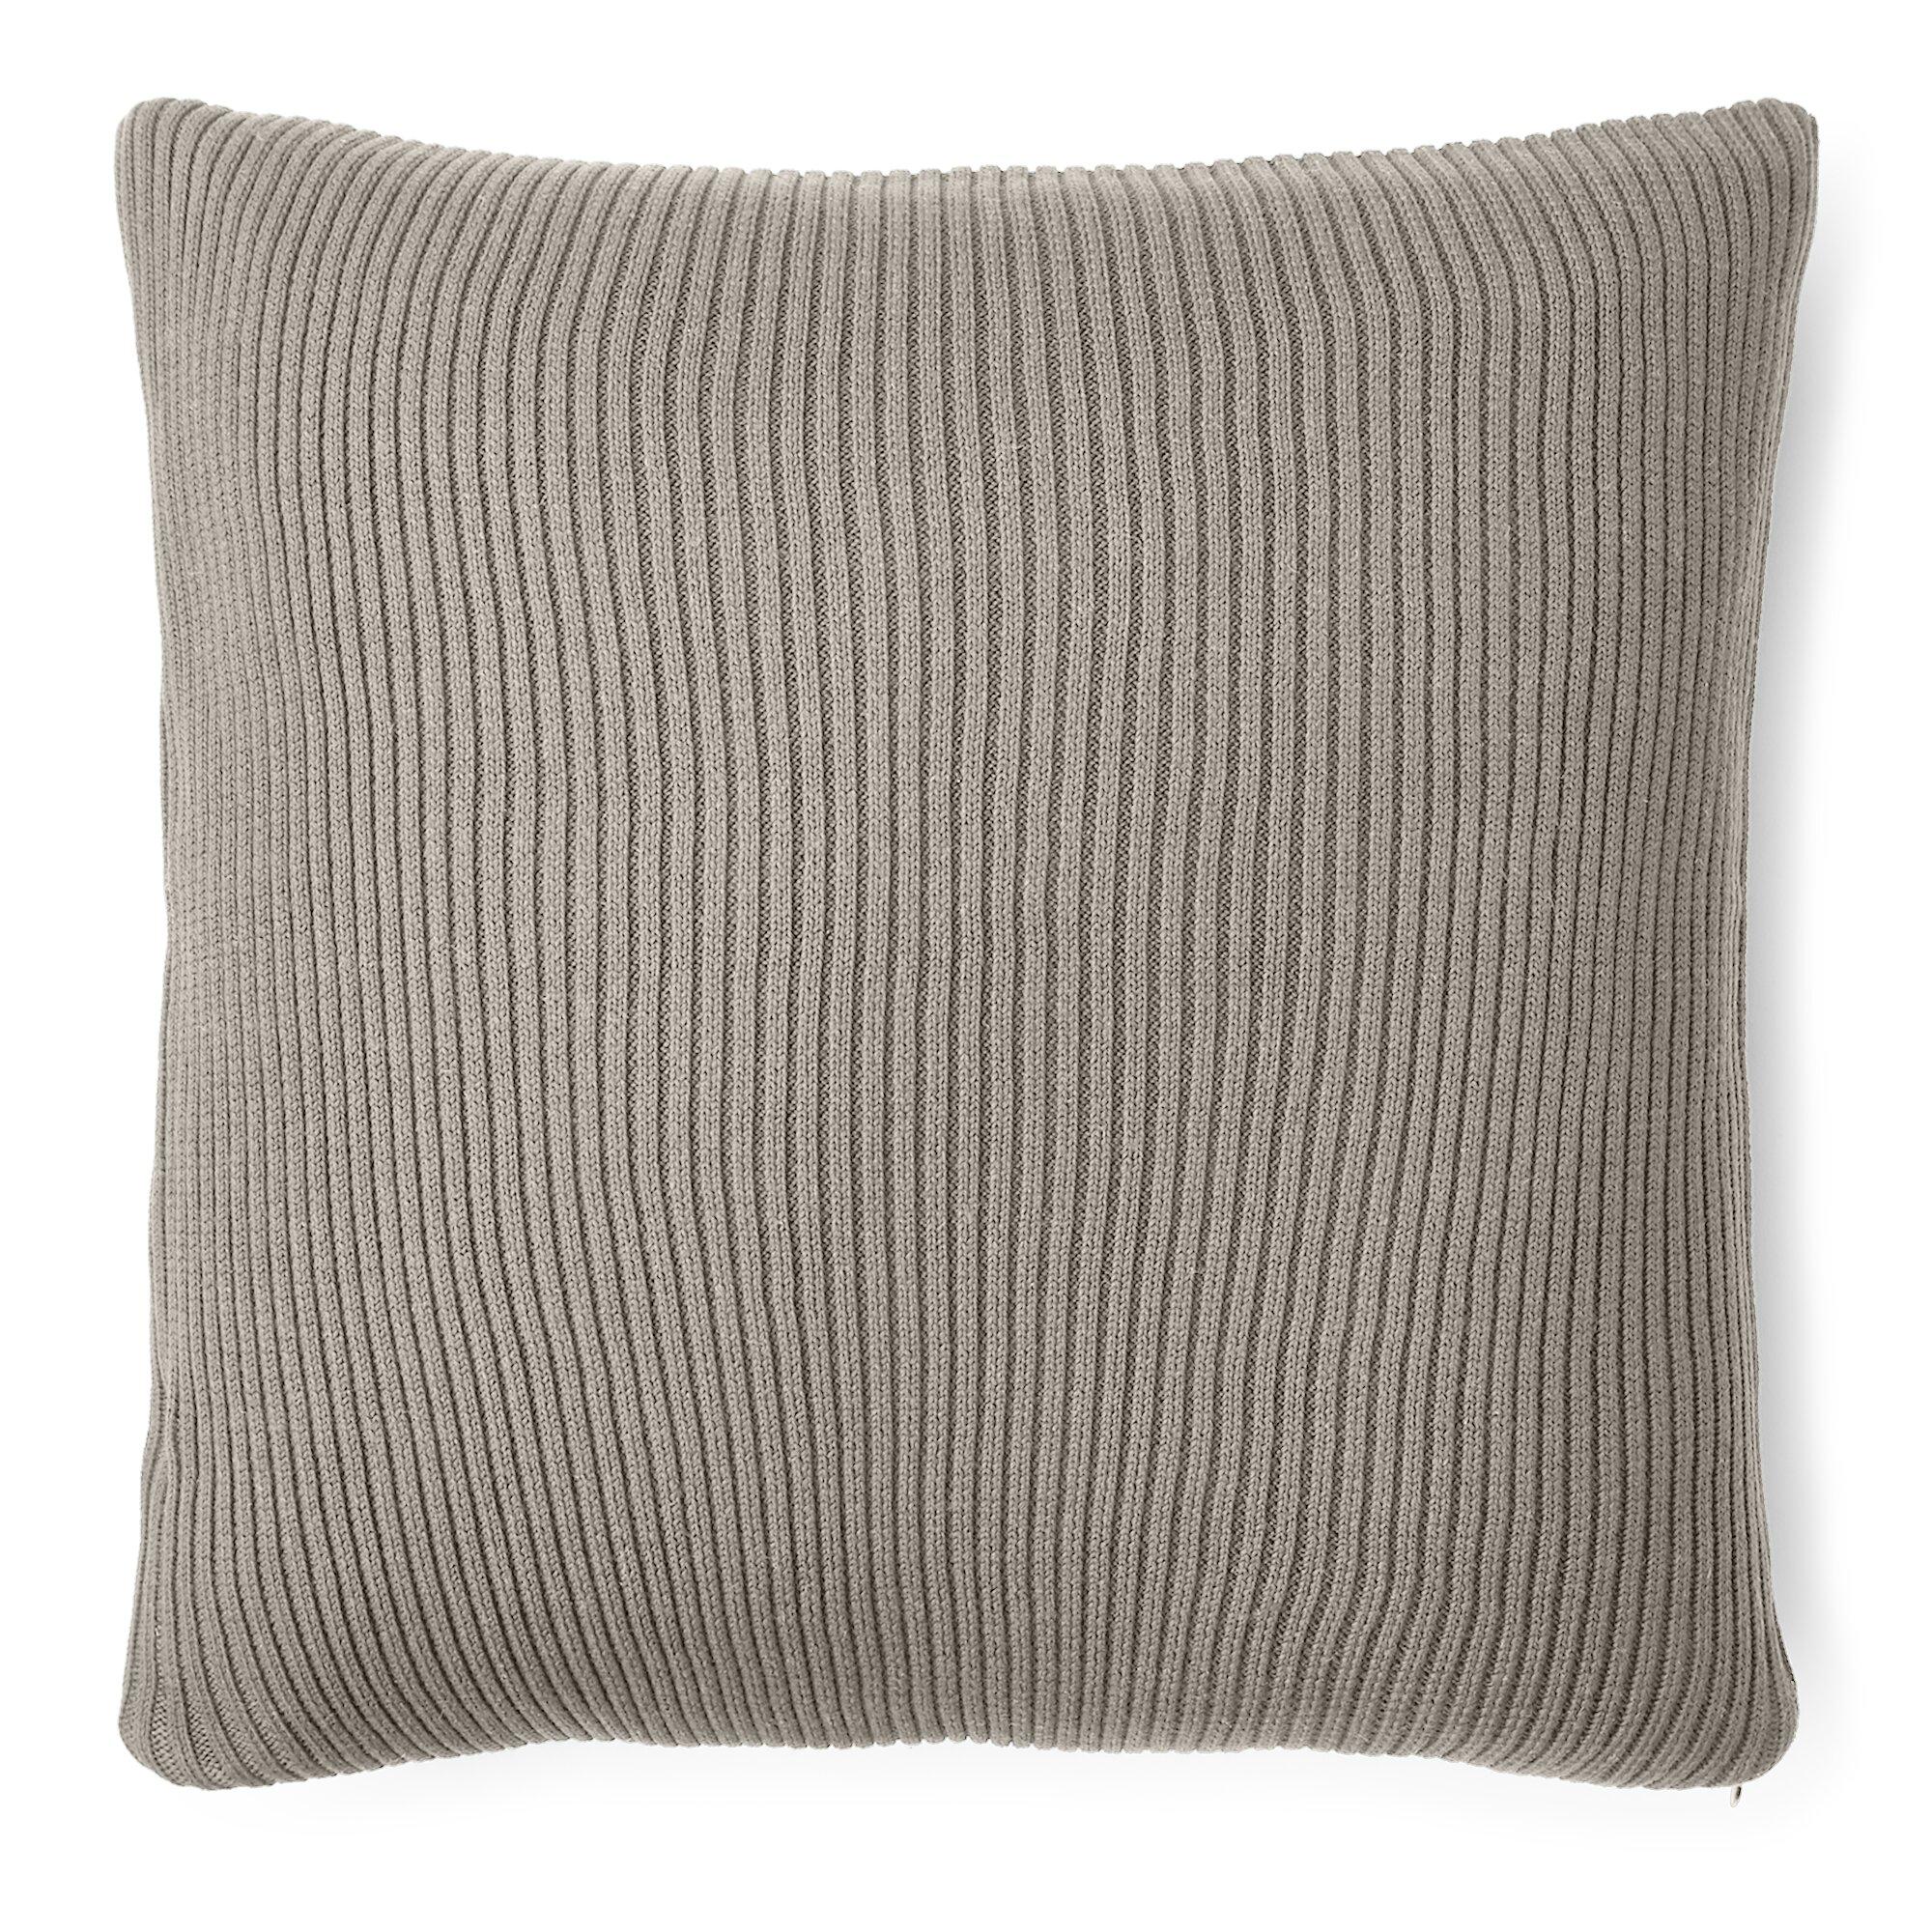 Gray Silver Lauren Ralph Lauren Throw Pillows You Ll Love In 2021 Wayfair